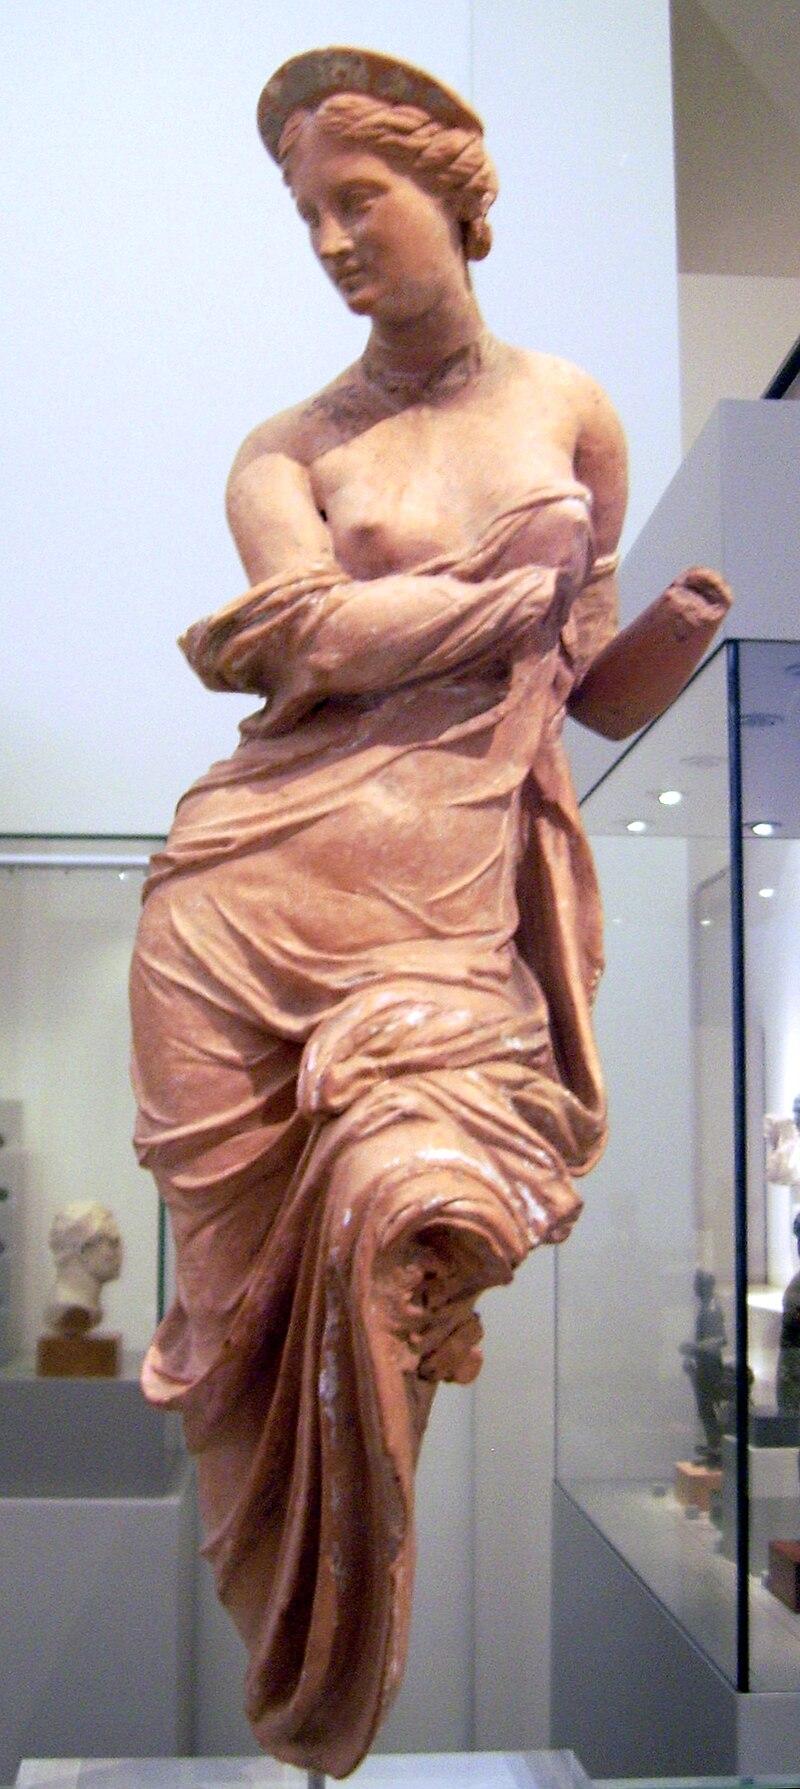 افرودیته جزو دوازده خدای اولومپیا میباشد و گفته شده که او بخشایشگر زیبایی و جذب کنندهٔ جنسی بوده که بیشتر اوقات به صورت چهره ای با لبخند شیرین یا تمسخر آمیز ترسیم شده